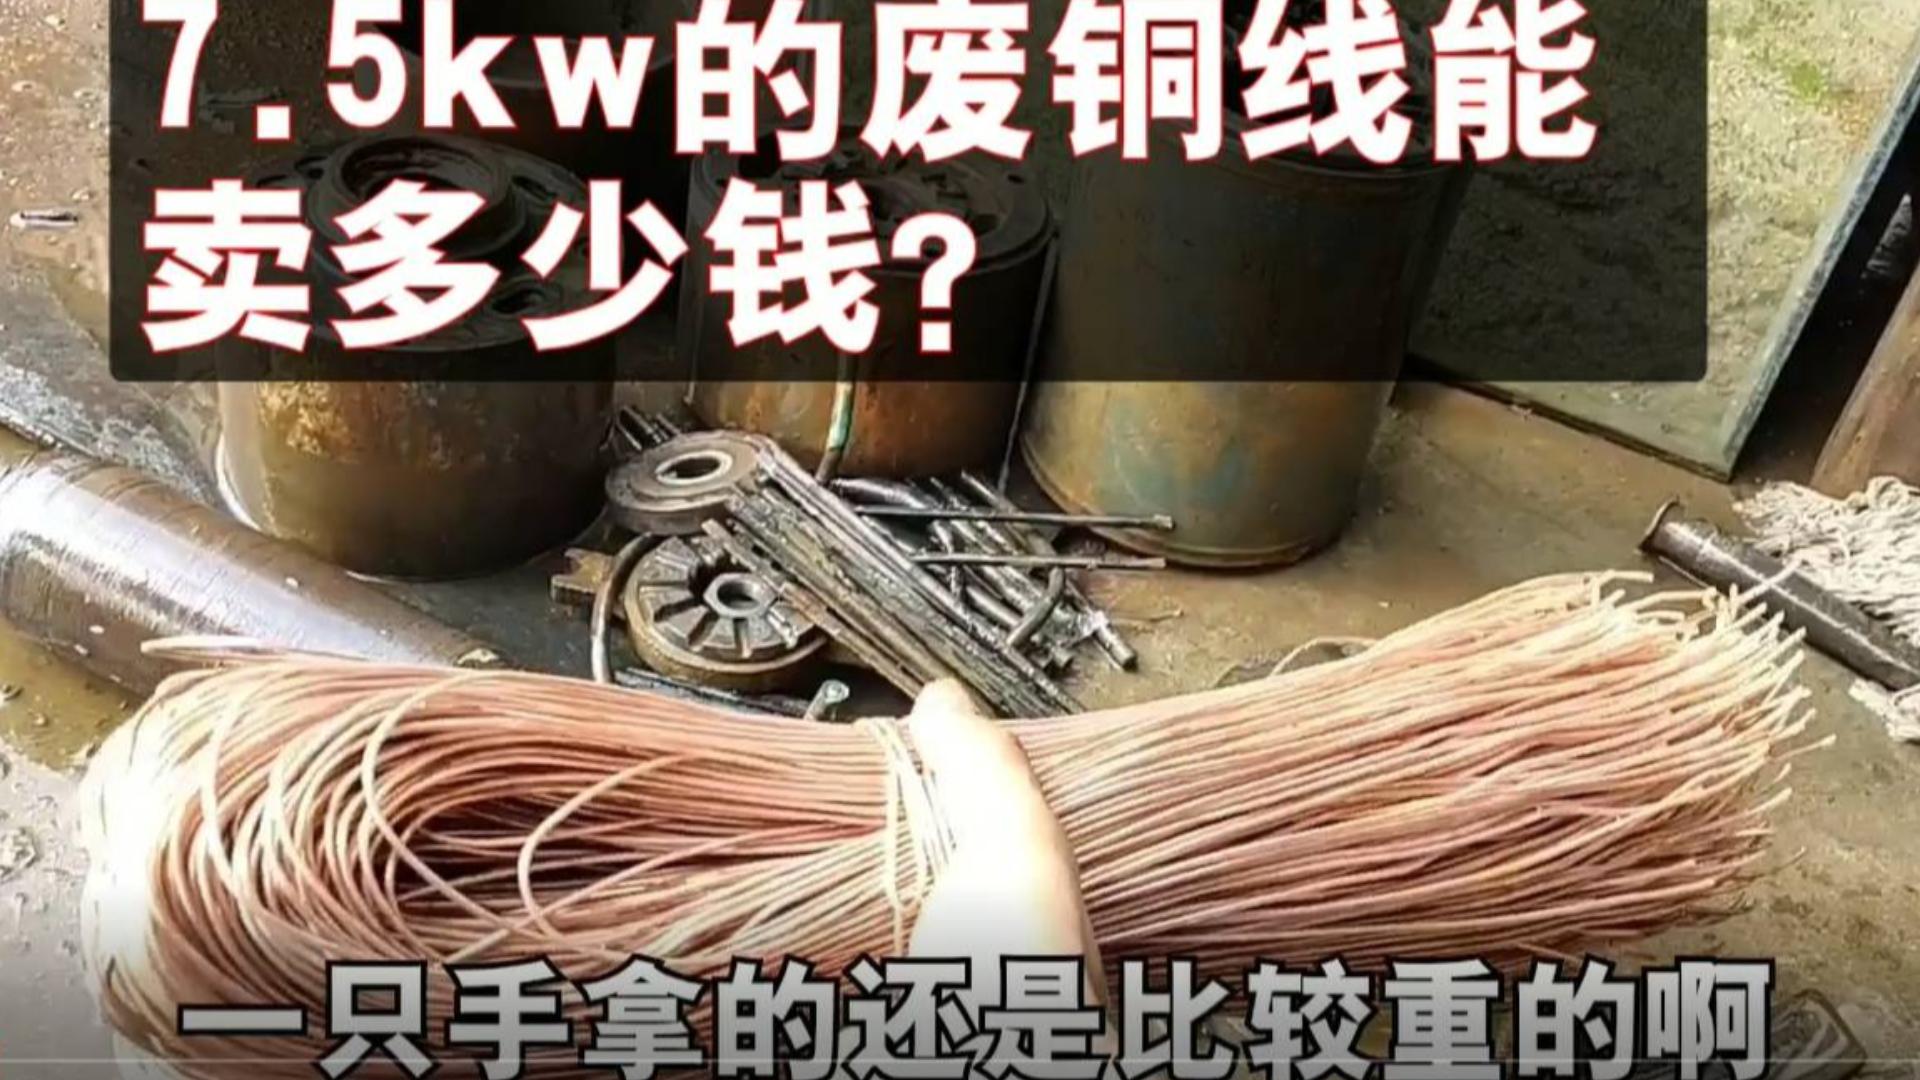 7.5千瓦废铜线能有多重?三相电机运转4年突然跳闸,拆开后发现问题